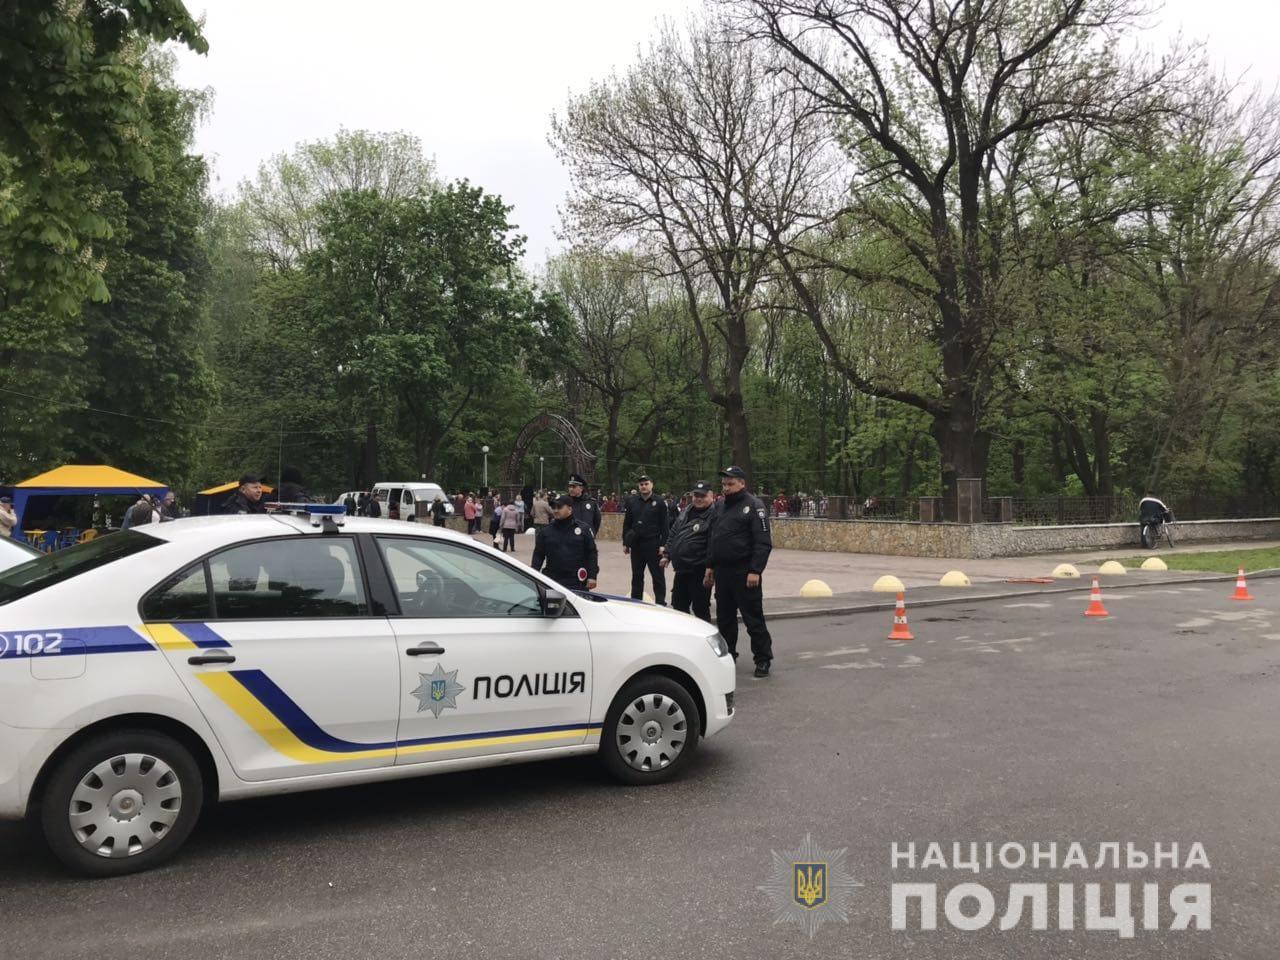 На охорону порядку на Київщині вийшли майже 800 правоохоронців - поліція Київщини, київщина, Друга світова війна, День перемоги над нацизмом - Poliz 9 trav